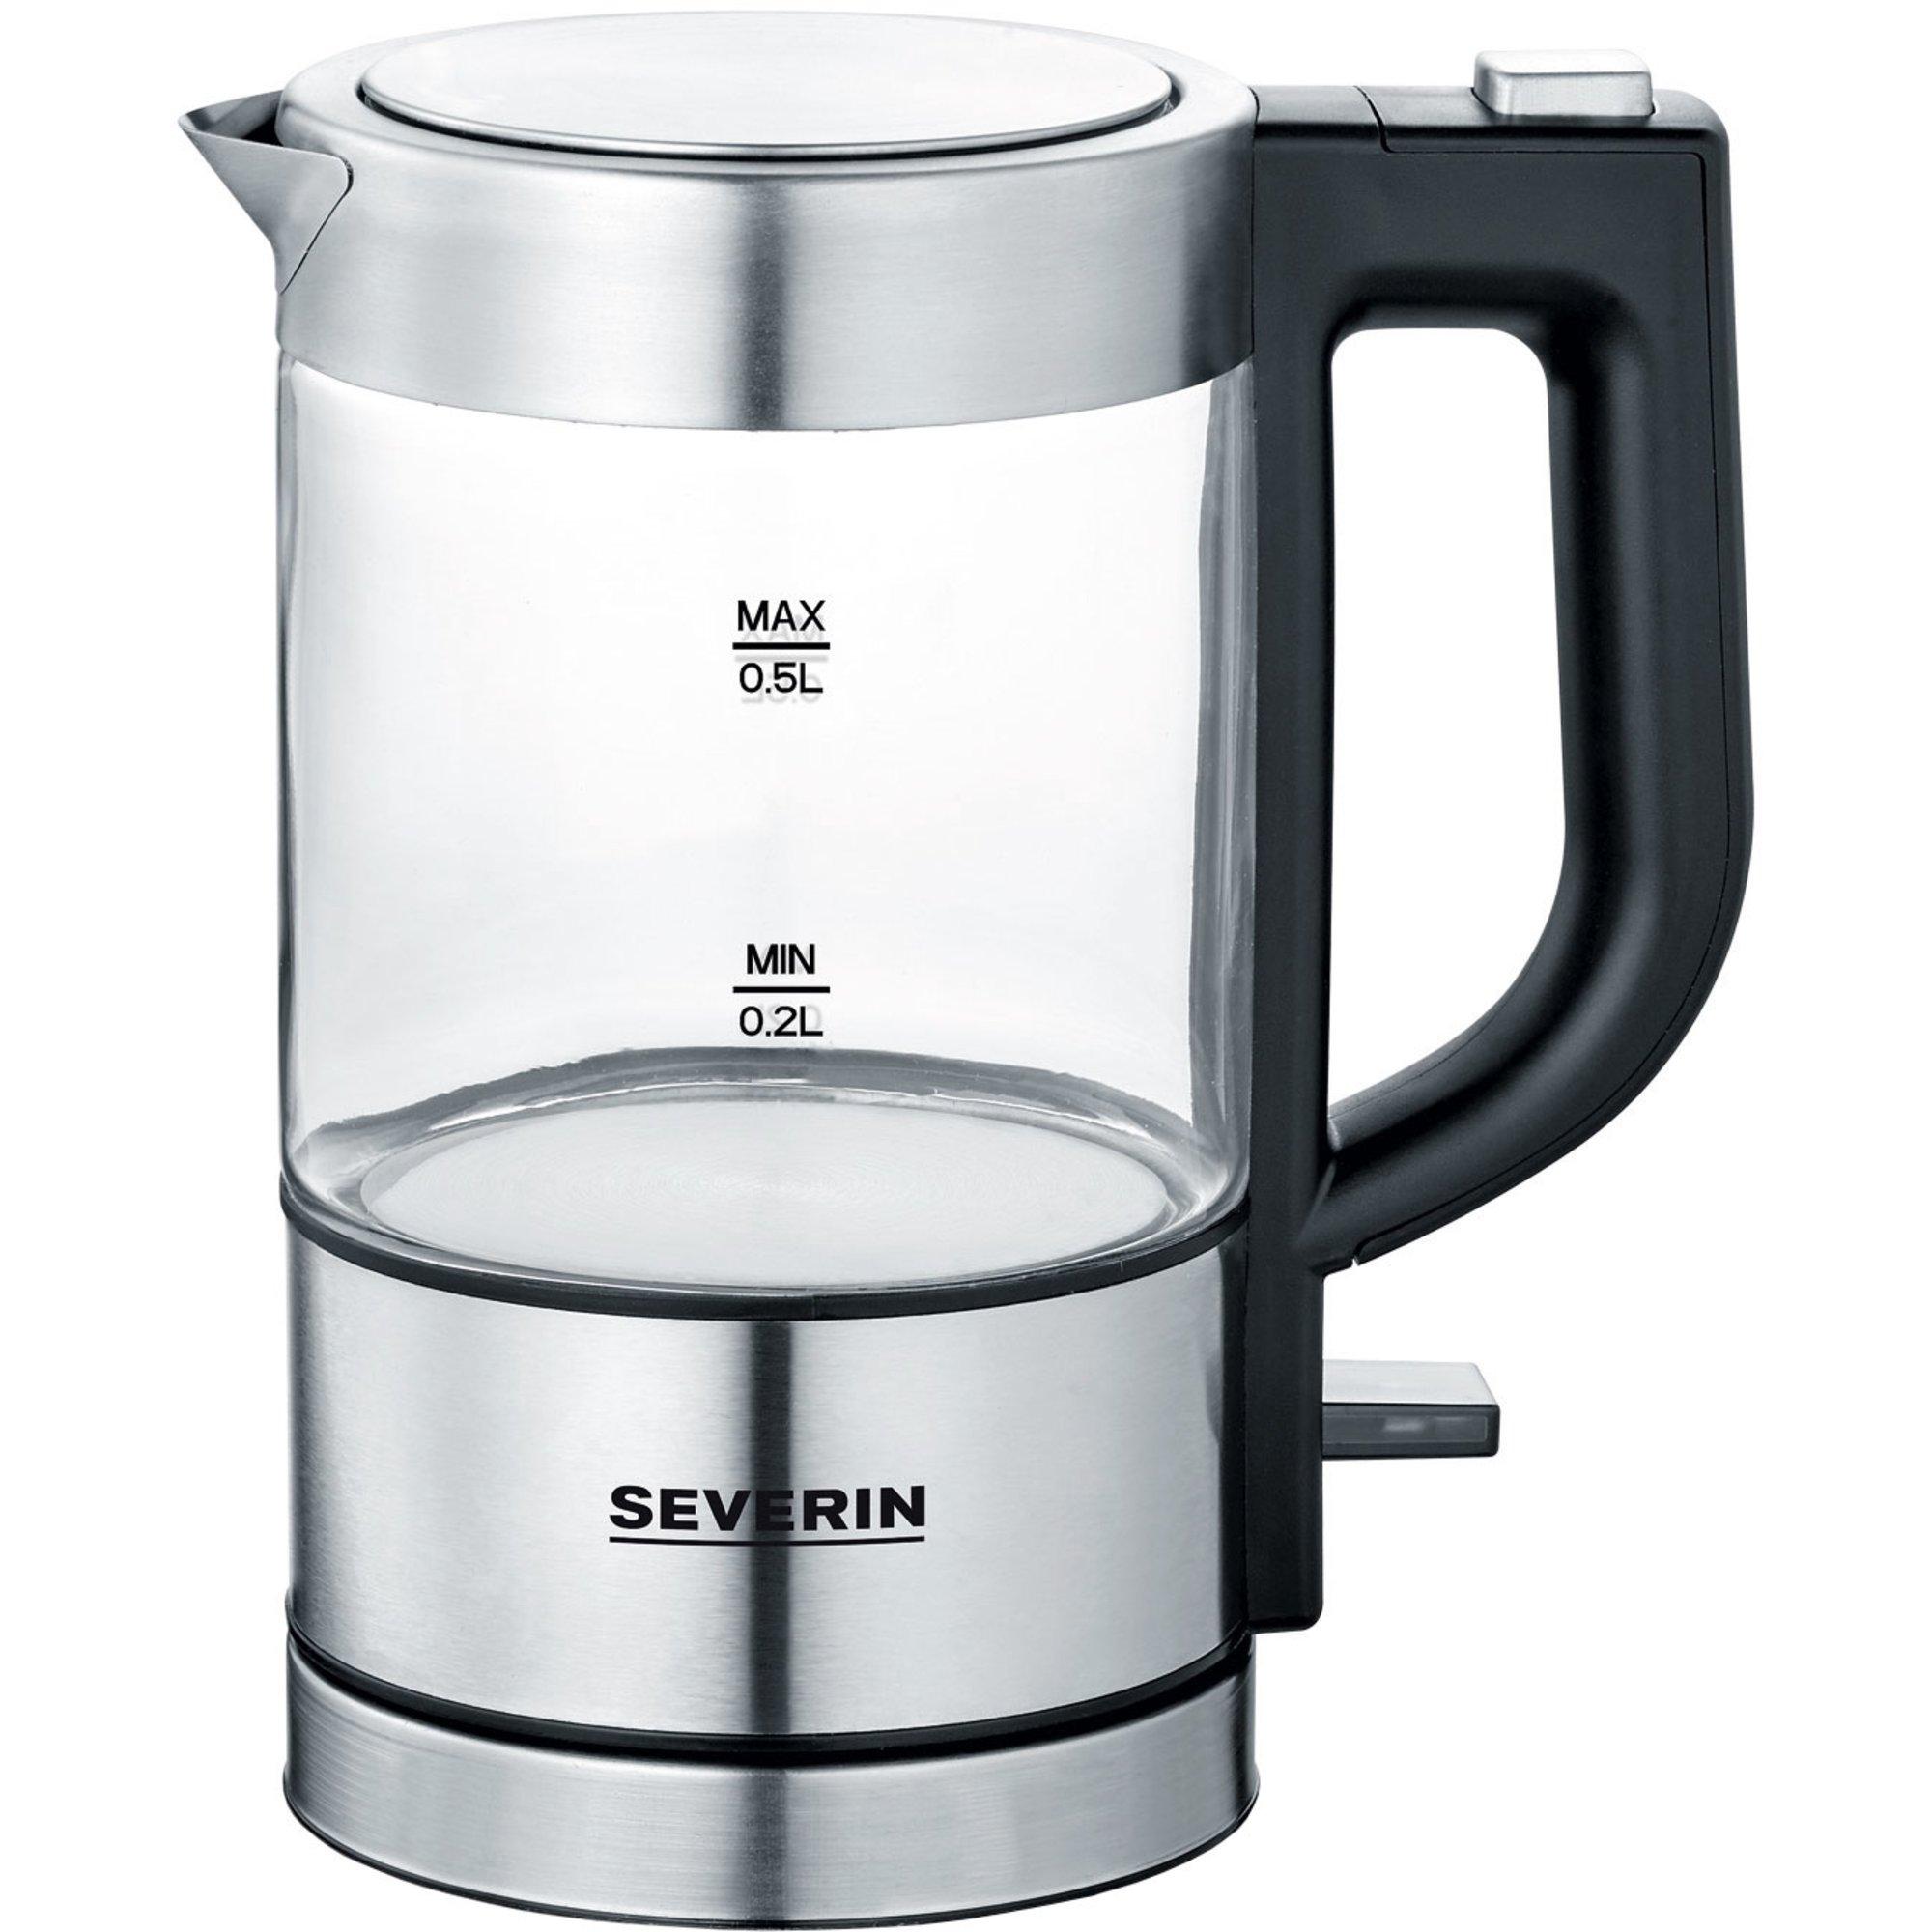 Severin Vattenkokare 05 liter